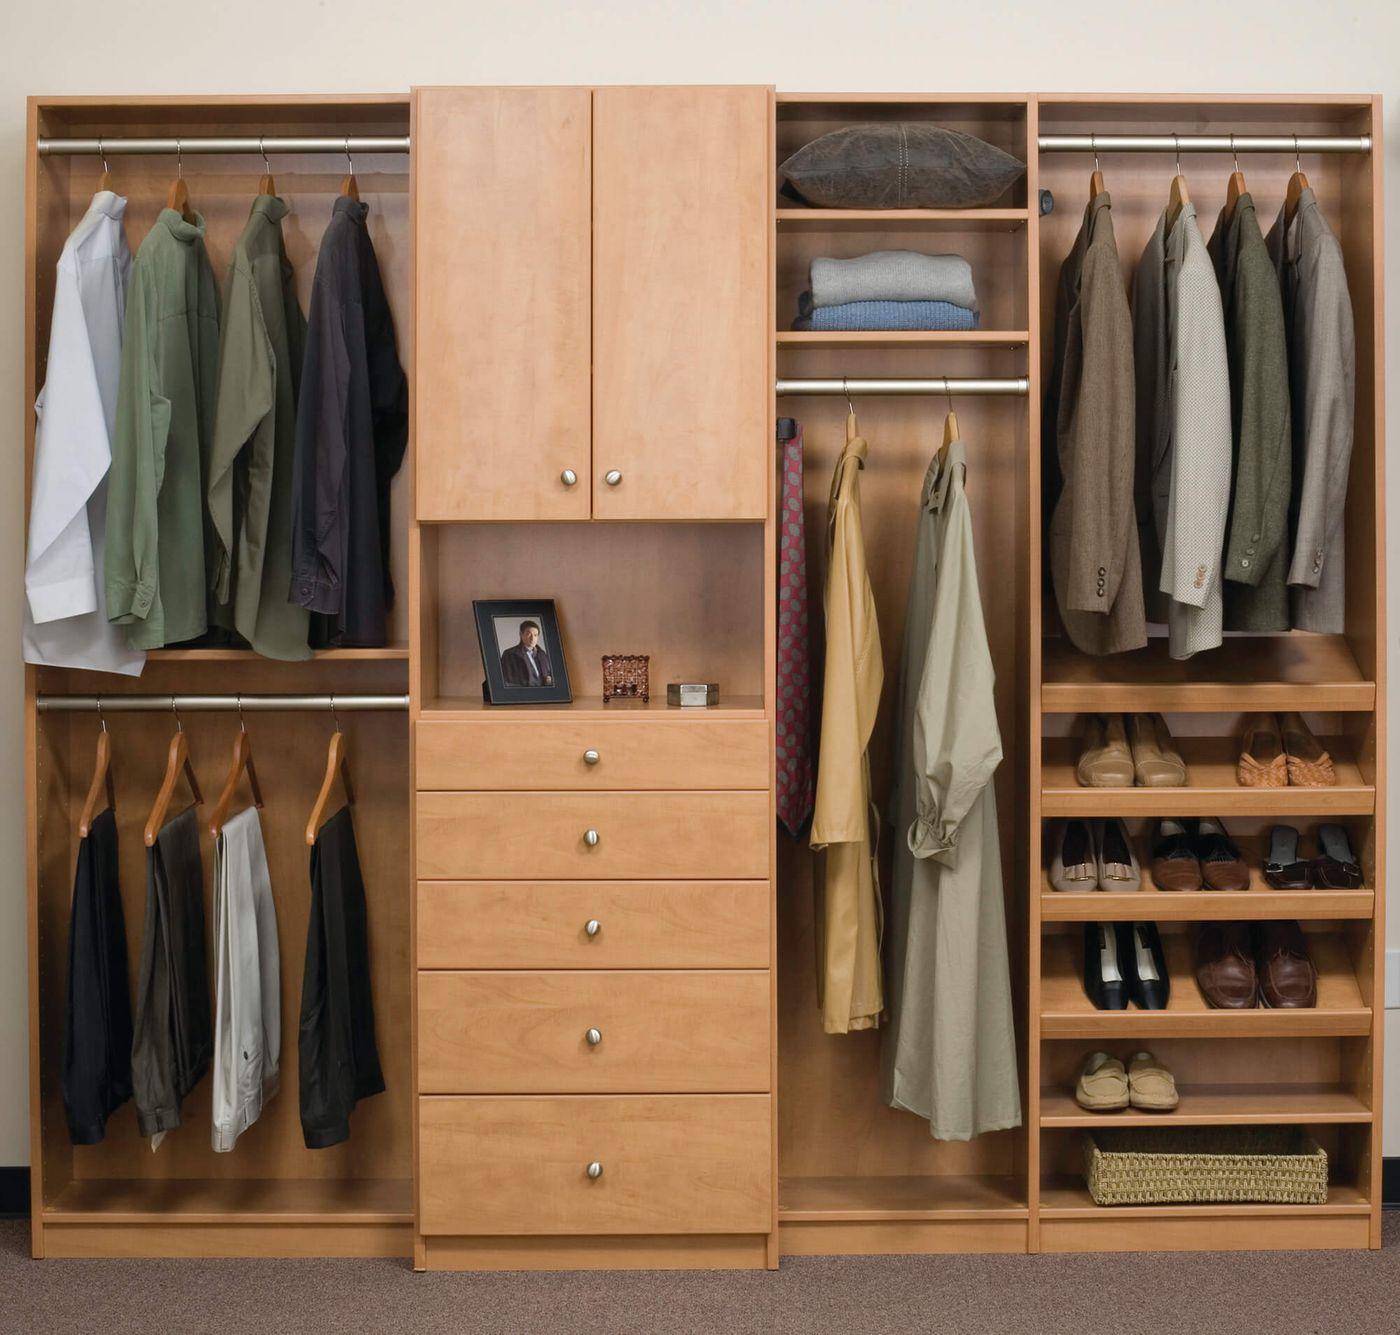 Closet-3-CBD-2008.jpg